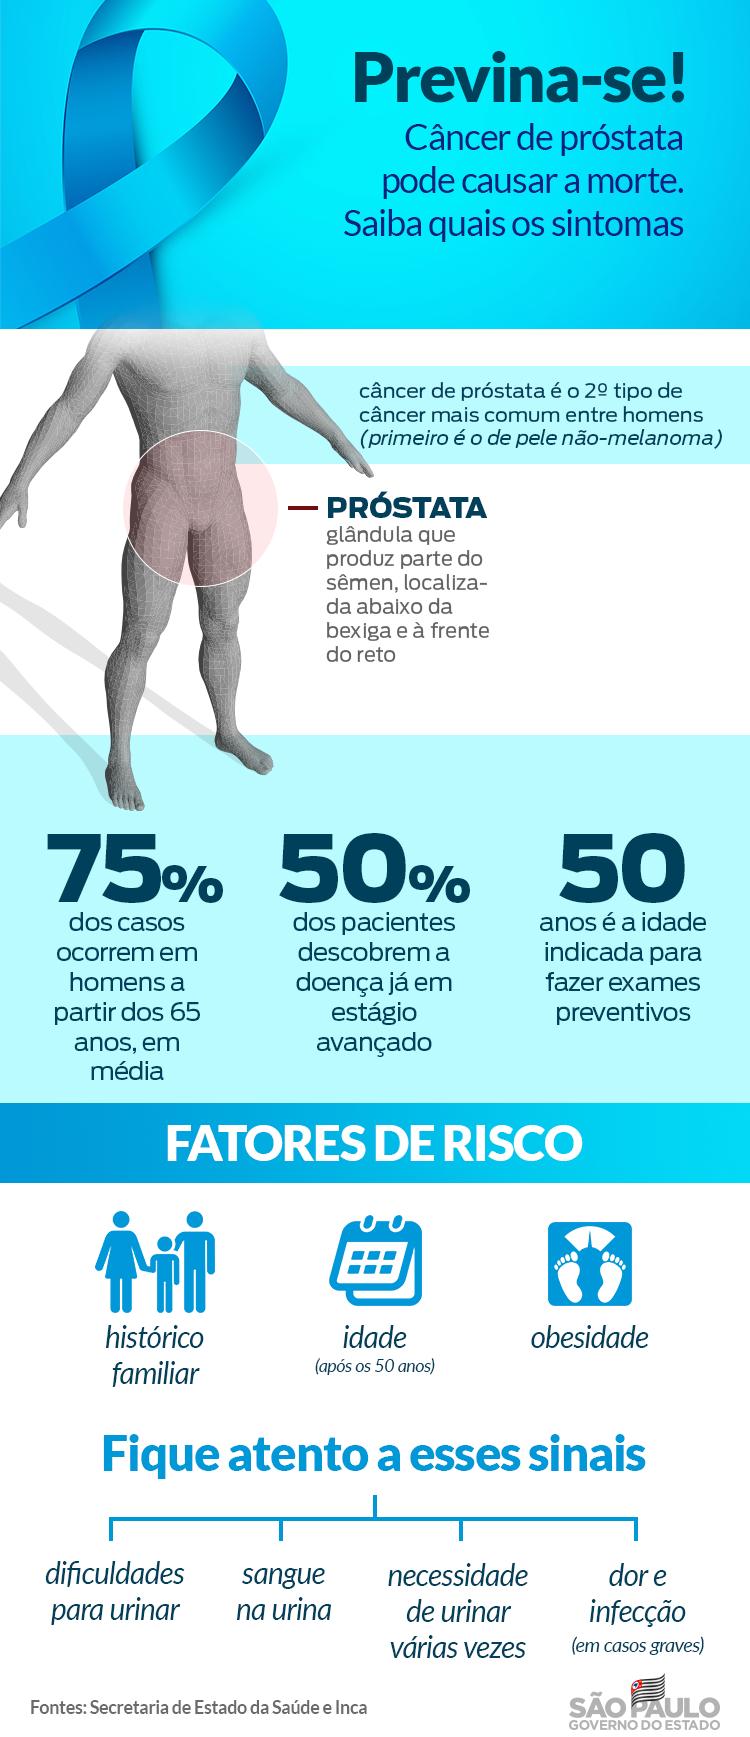 cancer de prostata quais sintomas)